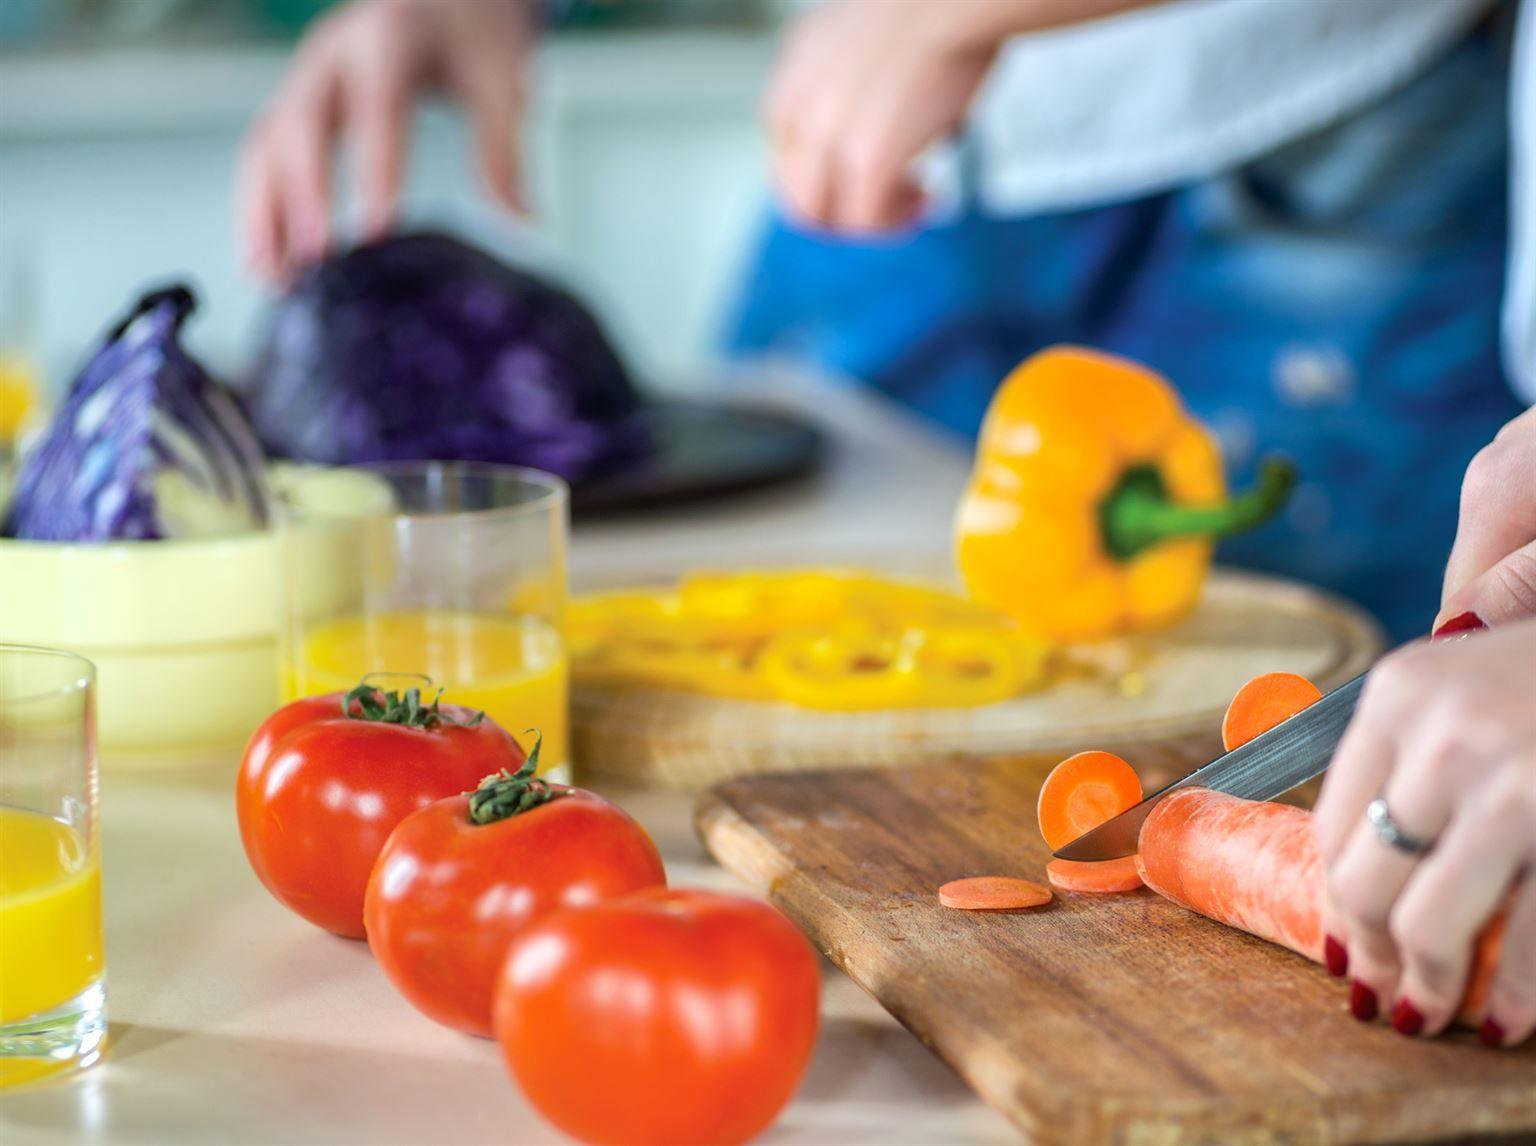 Cuisiner vos propres repas est non seulement bon pour votre santé, mais aussi pour votre portefeuille. Voici nos conseils pour diminuer le montant d'argent qui sort de vos poches lorsque vous faites l'épicerie.